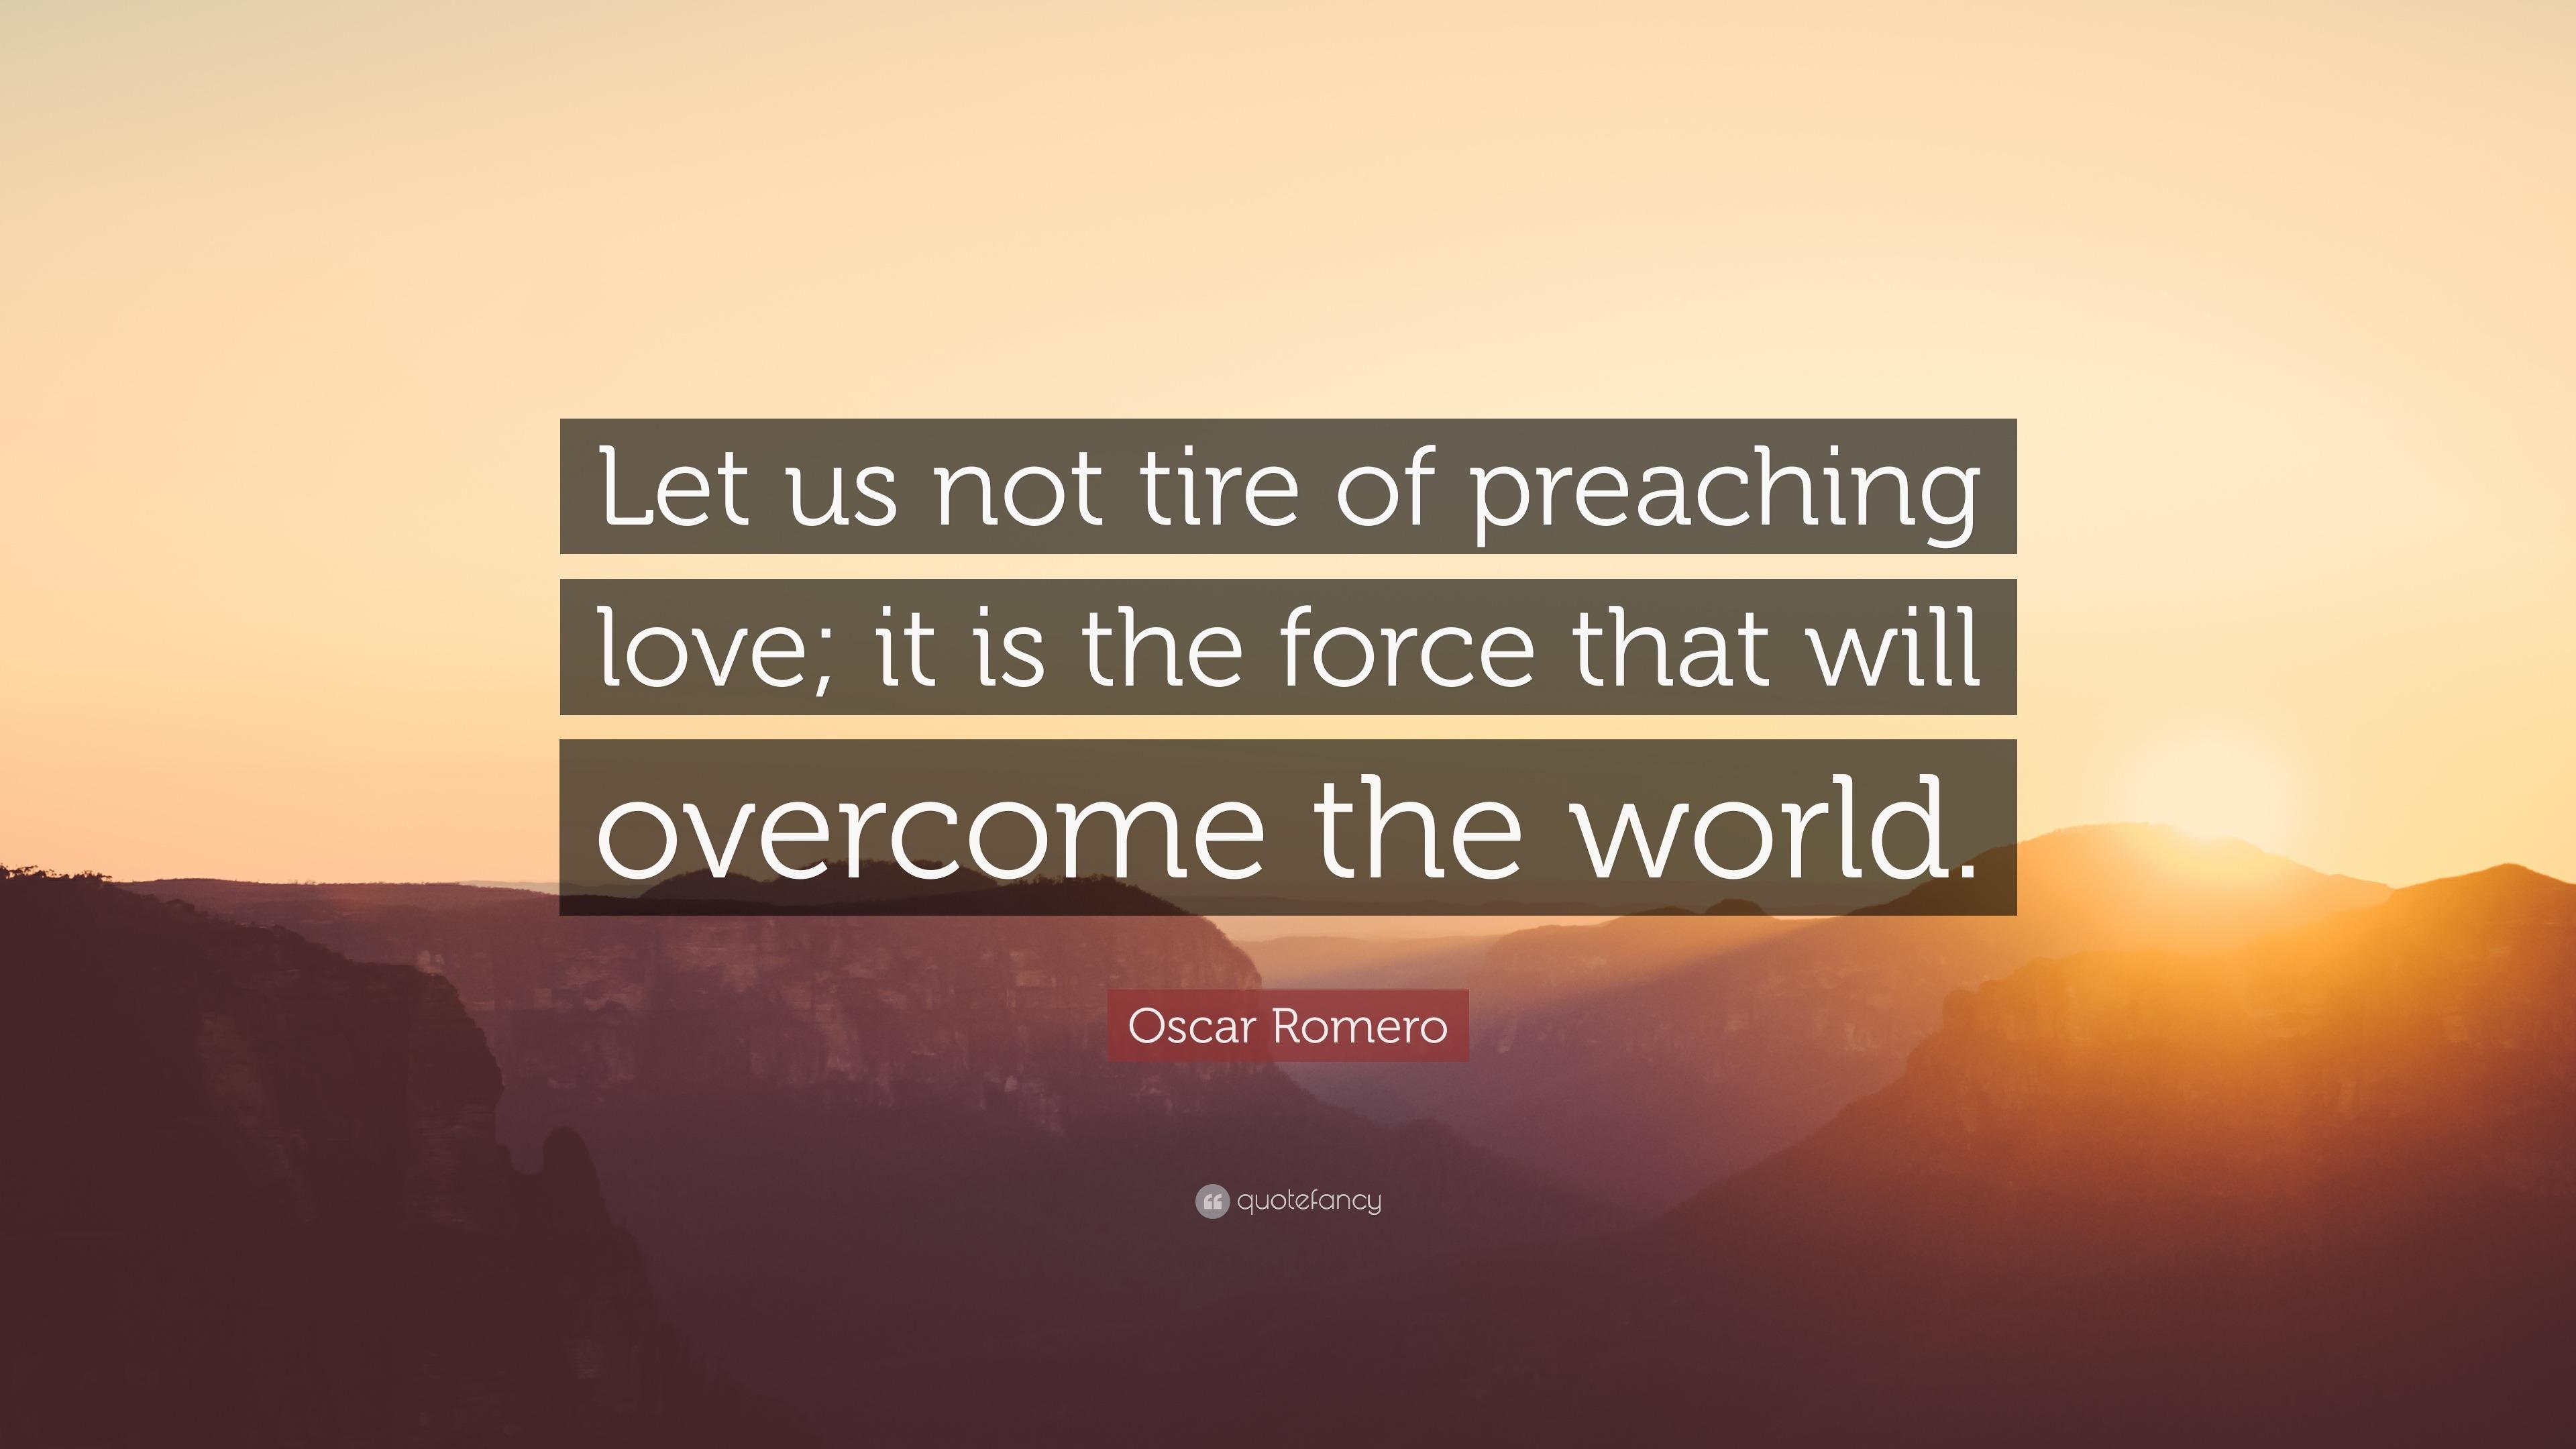 Love will overcome